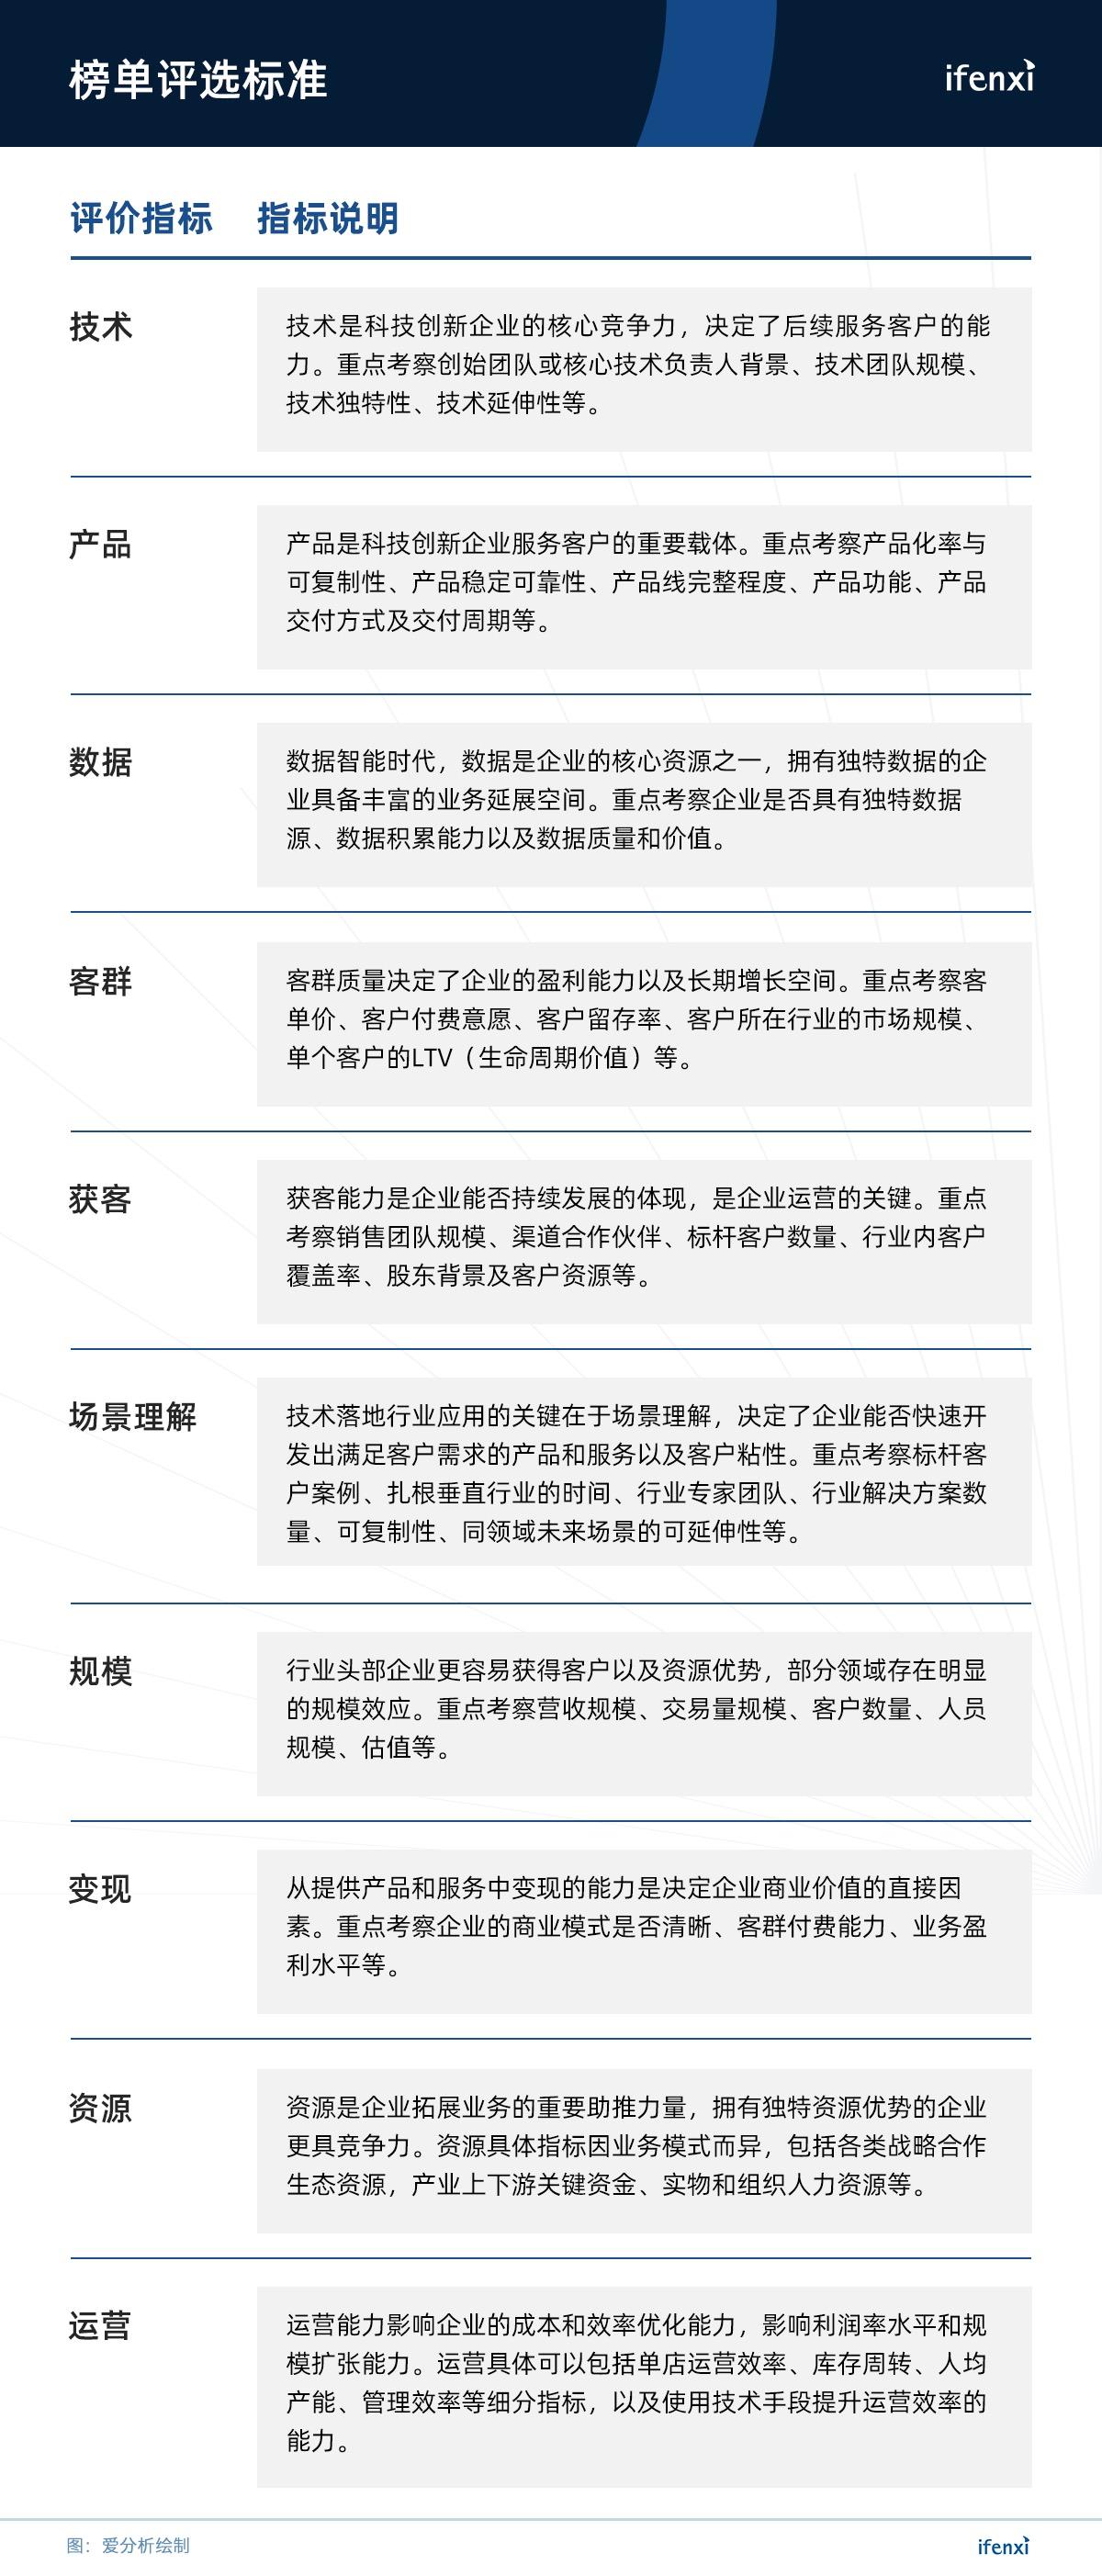 爱分析将联合腾讯科技发布新龙榜,候选名单出炉 | 候选名单